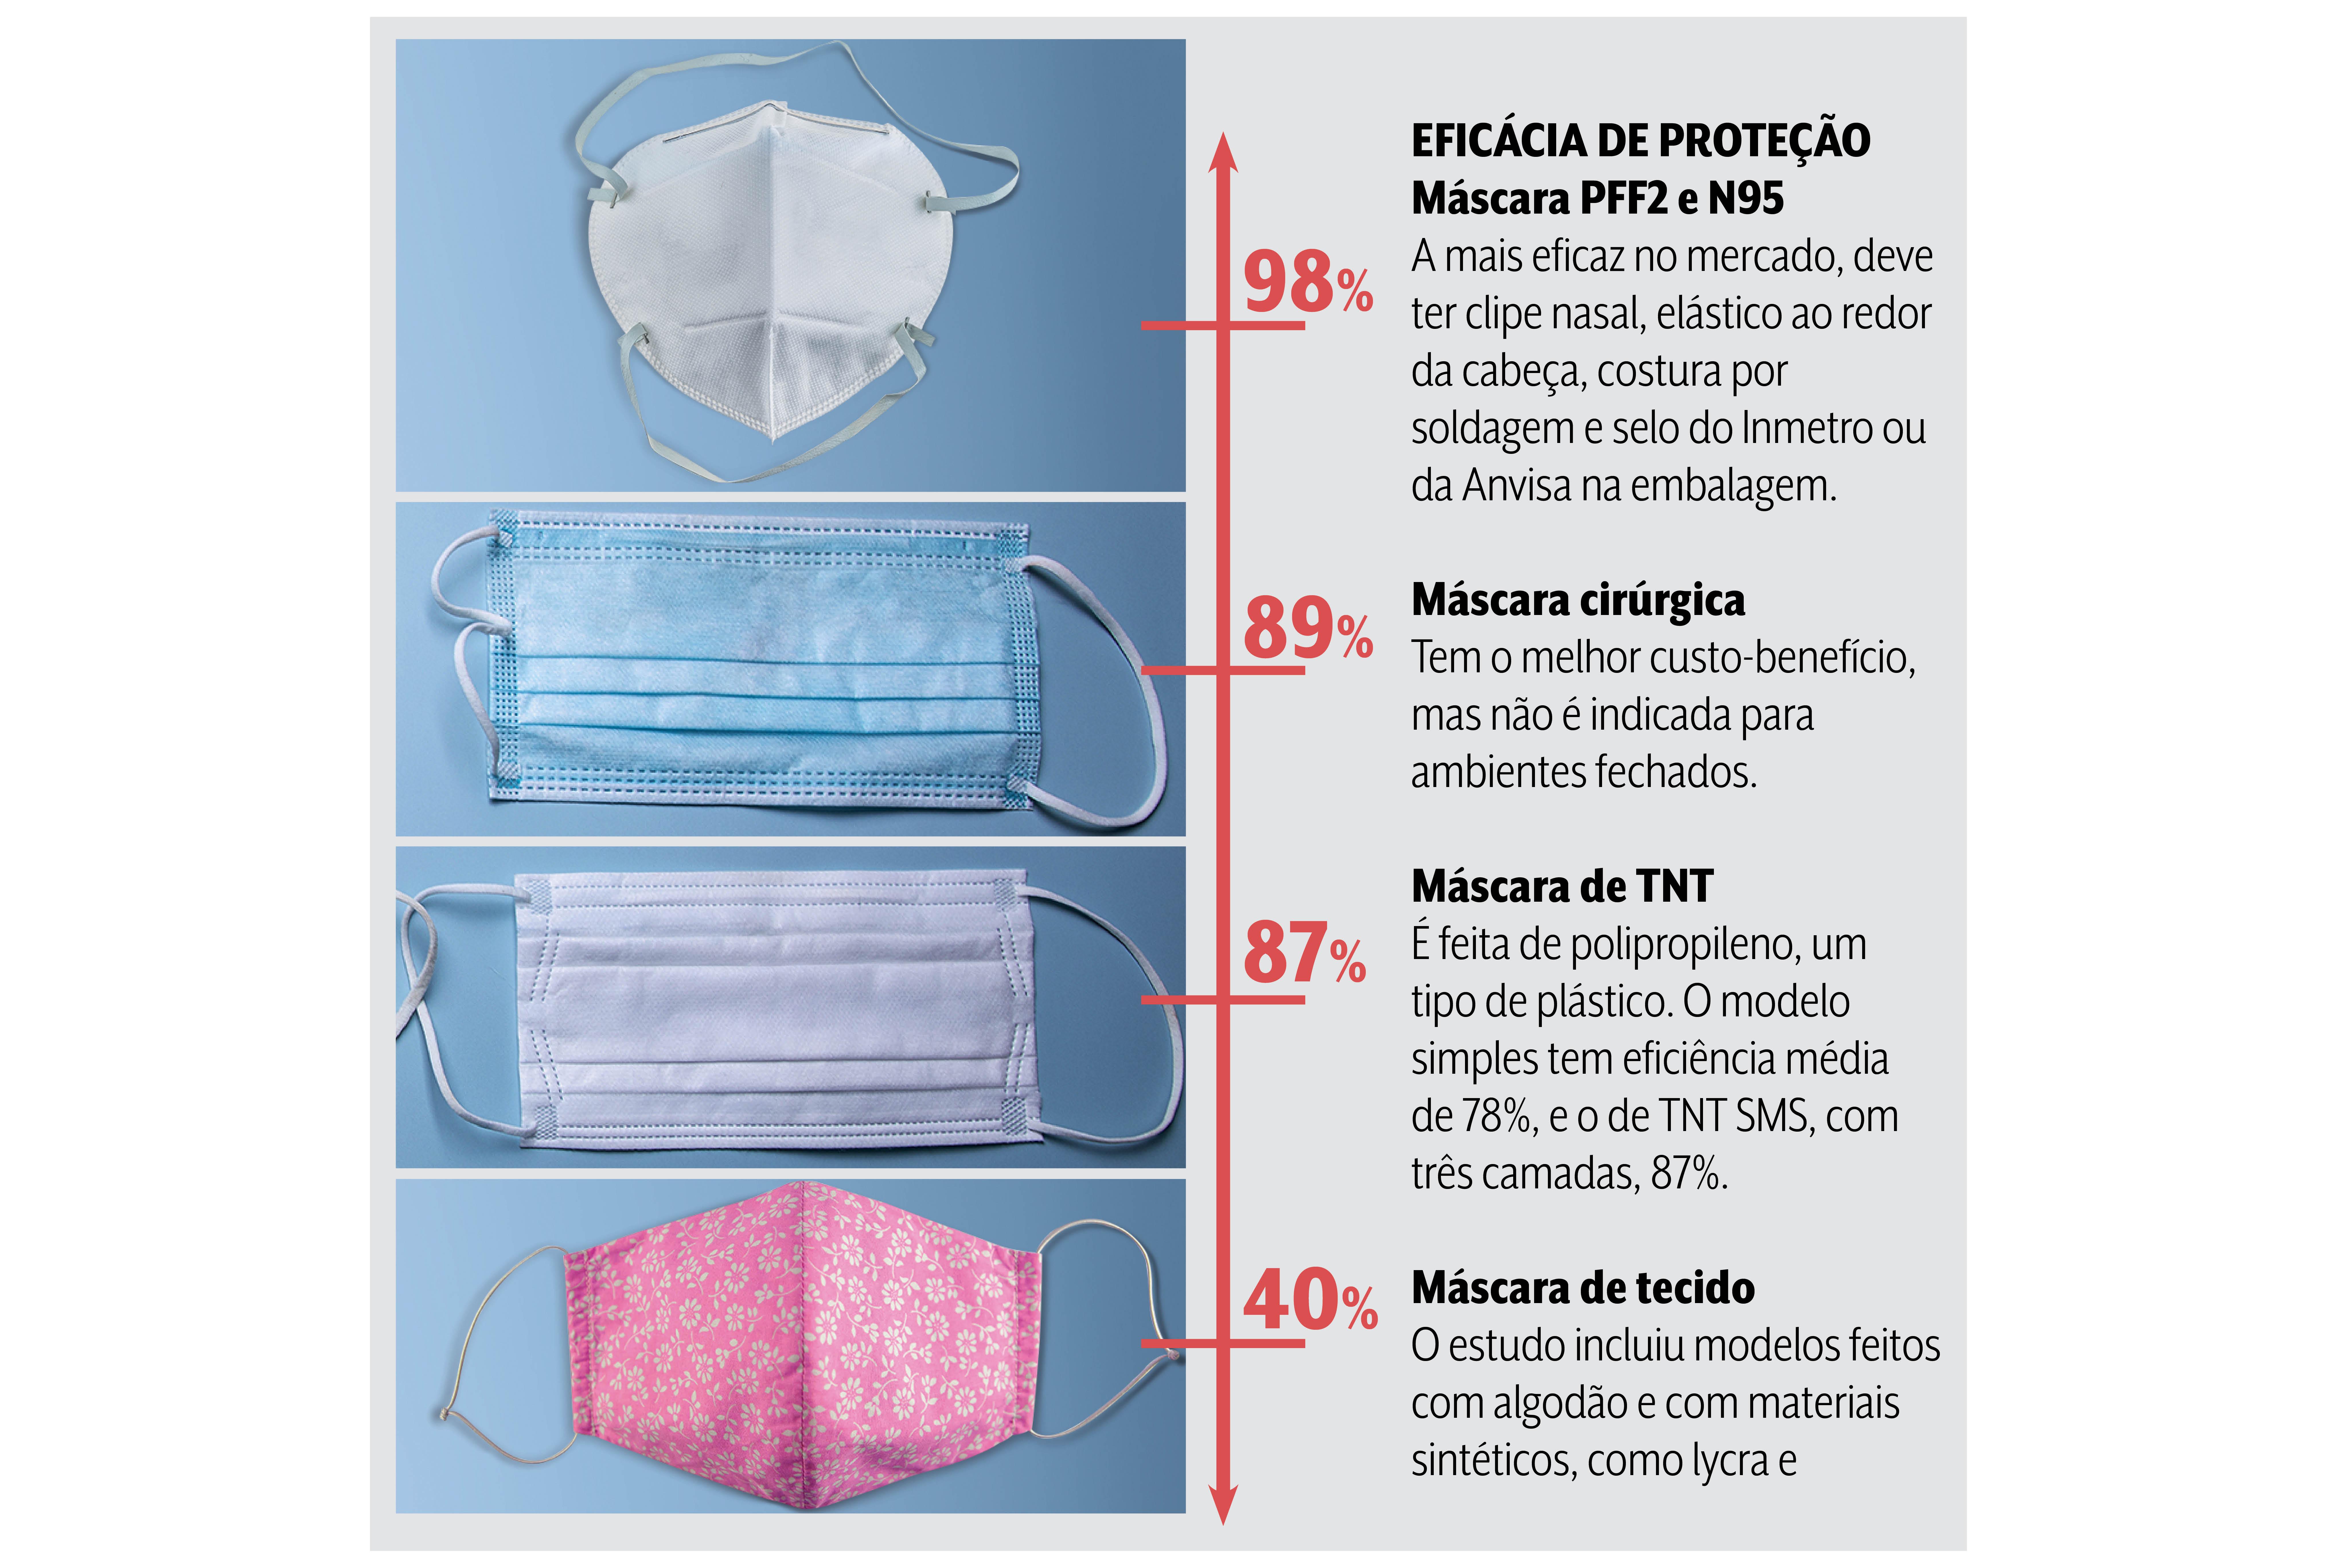 A imagem mostra uma gradação das máscaras em relação a eficácia de proteção. As máscaras Pff2 e N95 são as com melhor eficácia enquanto a máscara de pano é a pior, com 40%. Máscara Cirúrgica e TNT tem respectivamente 89% e 87% de eficácia de proteção.